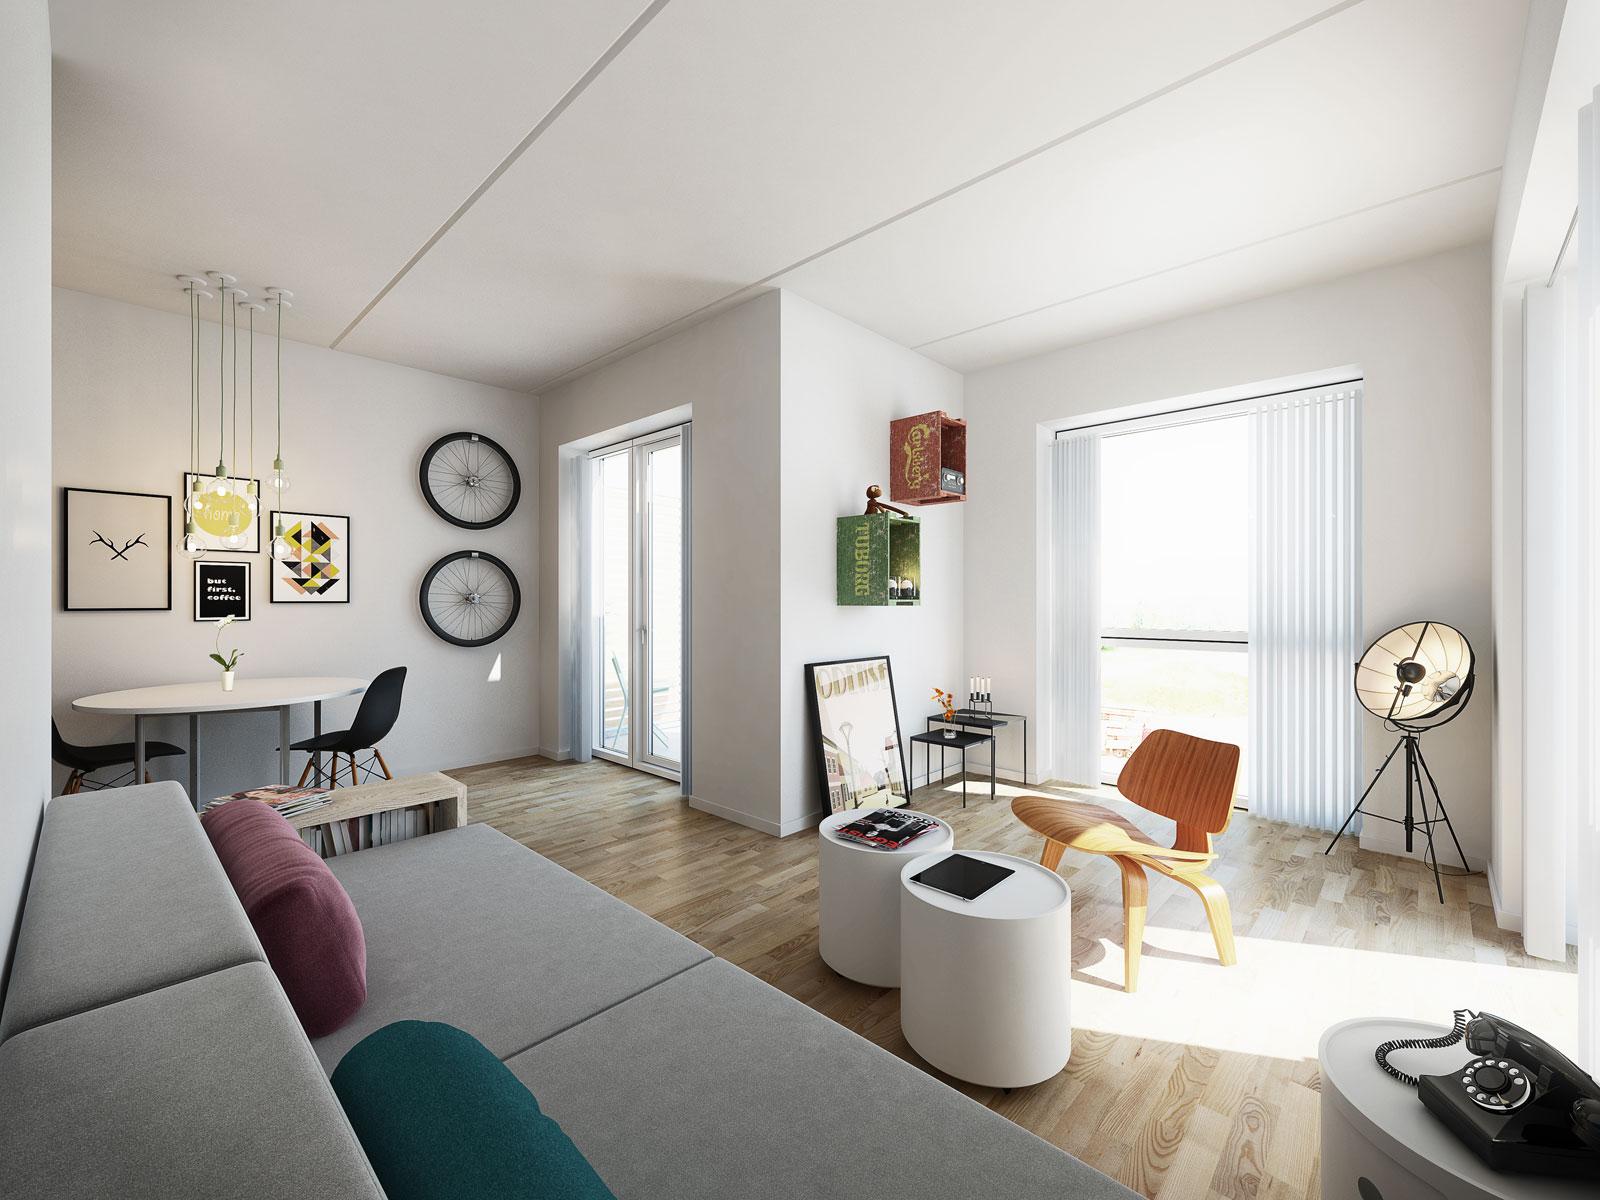 Lejligheder Odense Havn – endeverybody.com